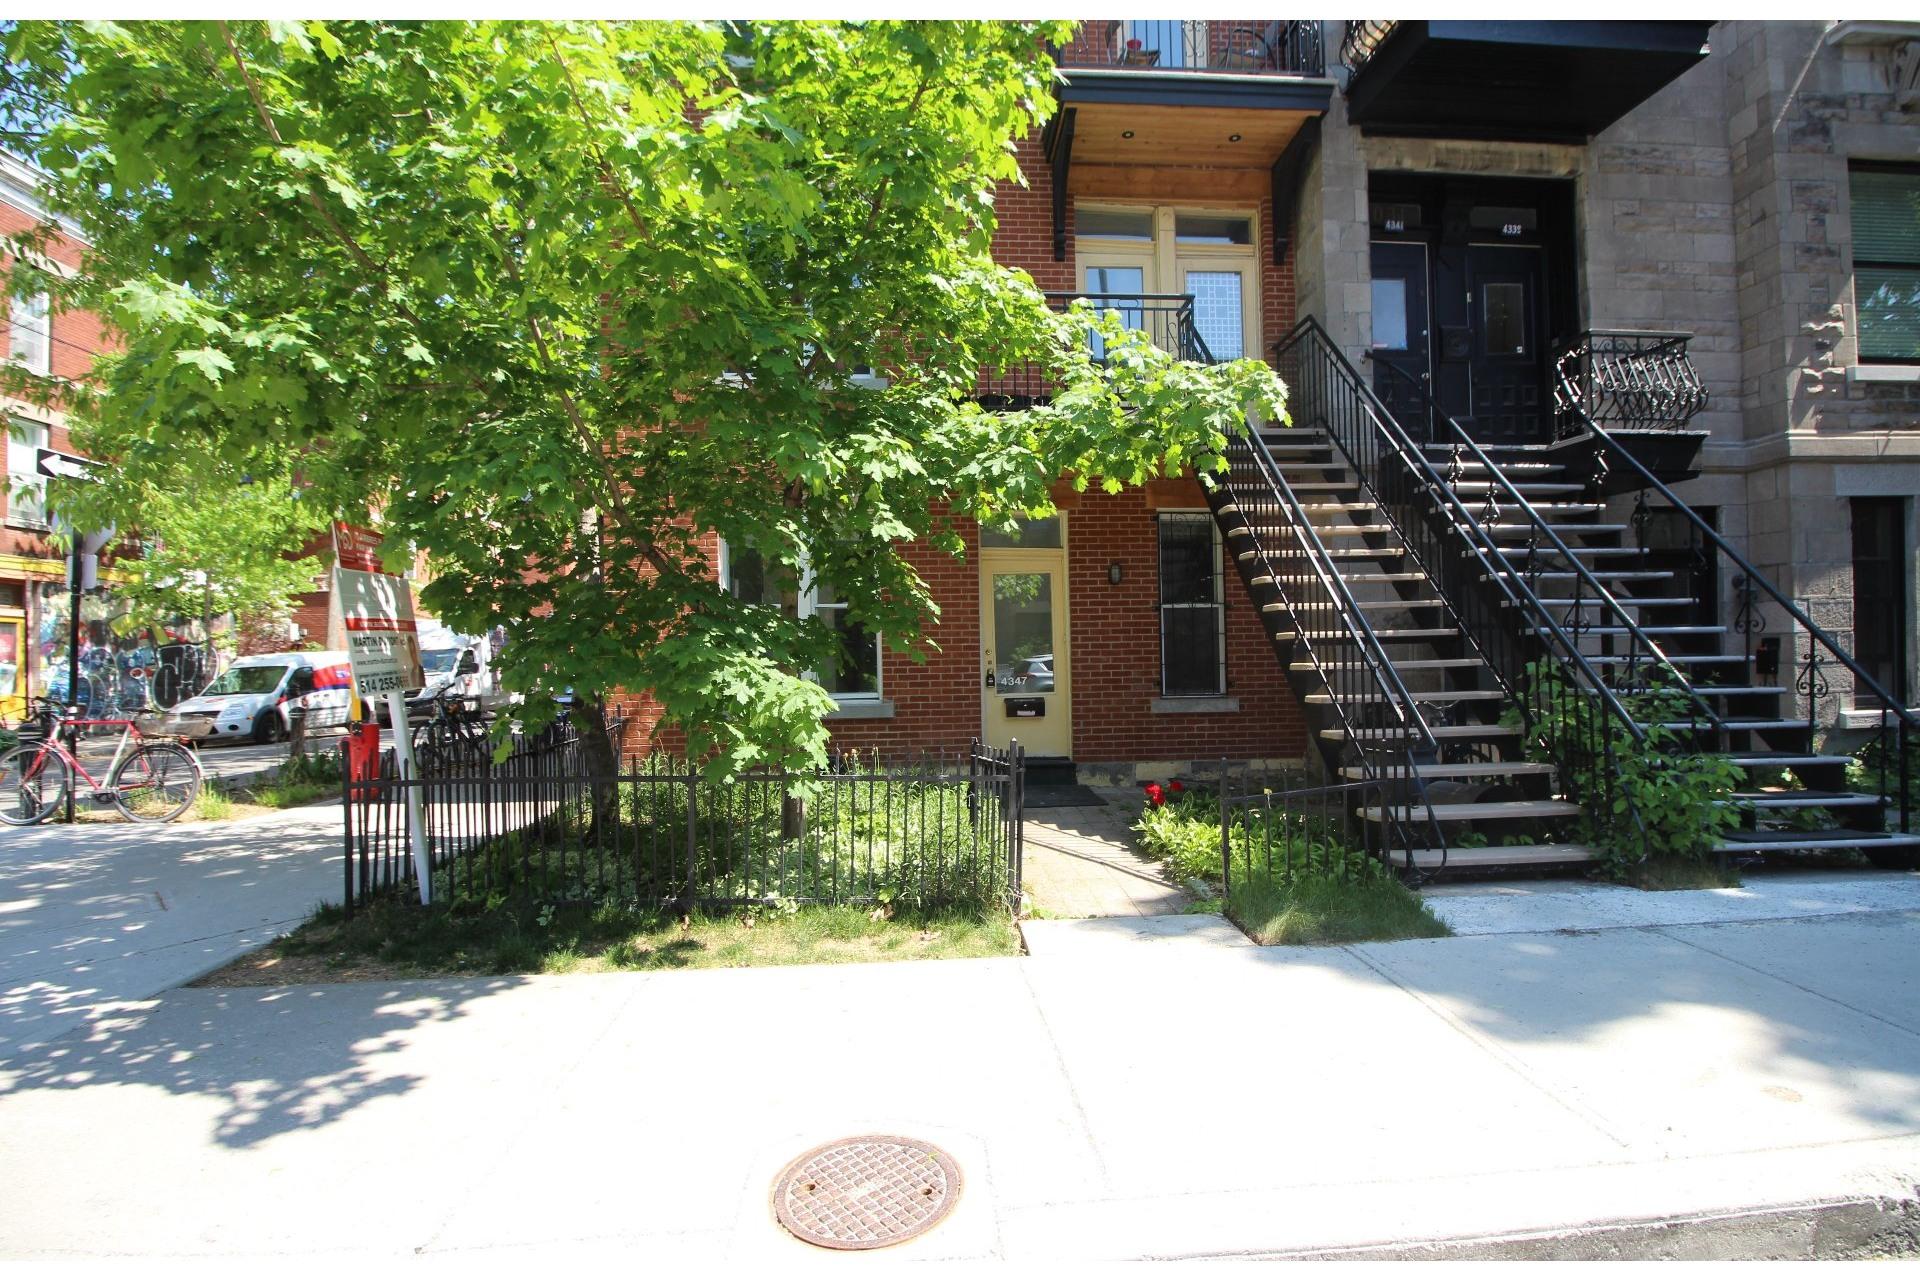 image 19 - Appartement À vendre Le Plateau-Mont-Royal Montréal  - 5 pièces